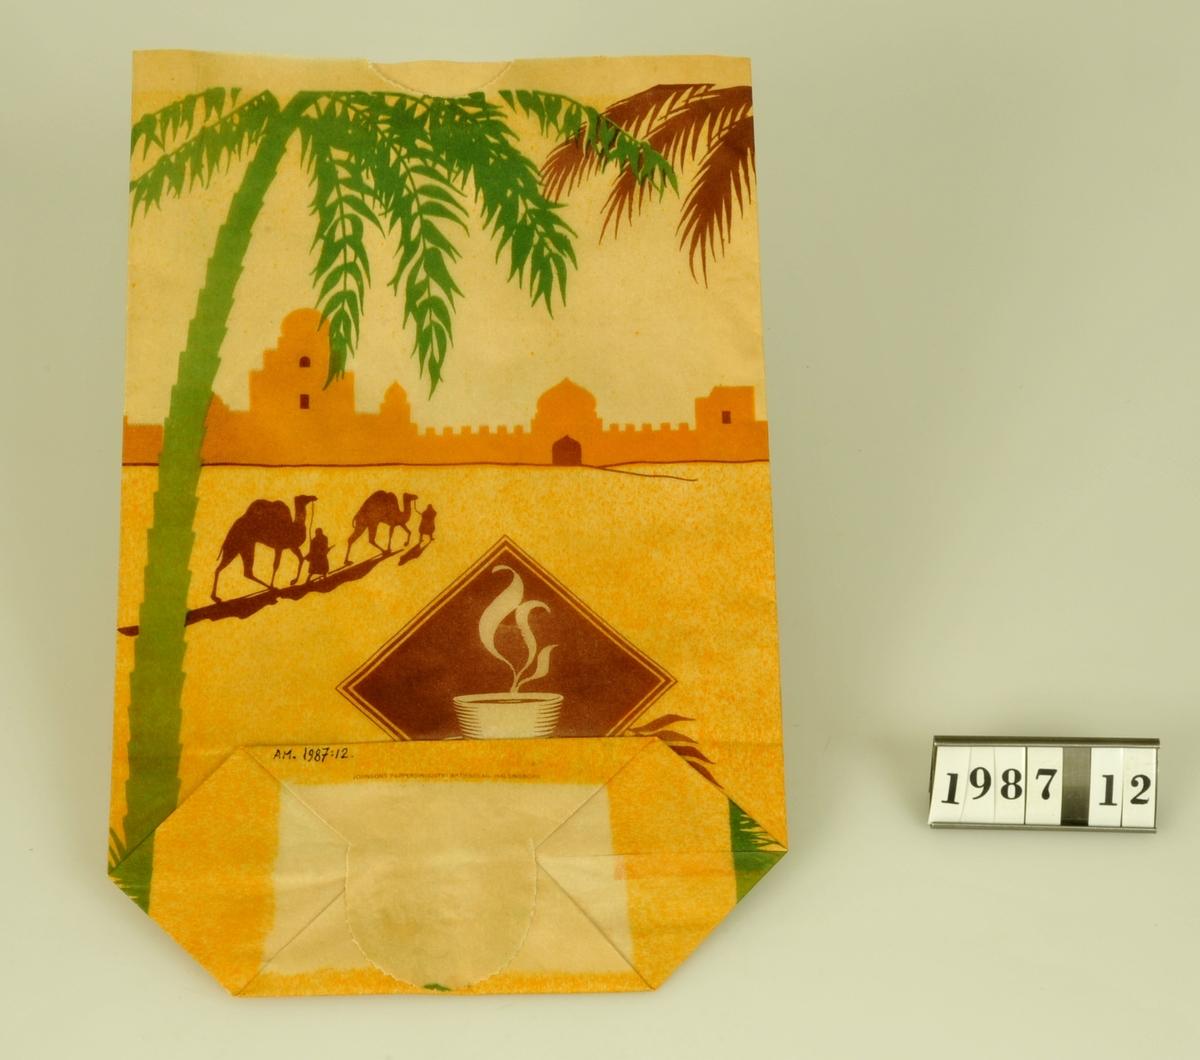 Tryckt motiv i gult, grönt och brunt, bl.a. kaffekopp, palmer och kameler.  Kommer från livsmedelsaffären Oskar Nilssons Eftr:: Lärkvägen 15, Alingsås. Affären etablerades 1906 och lades ned i juni 1986. Kaffepåsar tillvaratagna av B.S. då hon 1973 övertog affären (Oskar Nilssons)